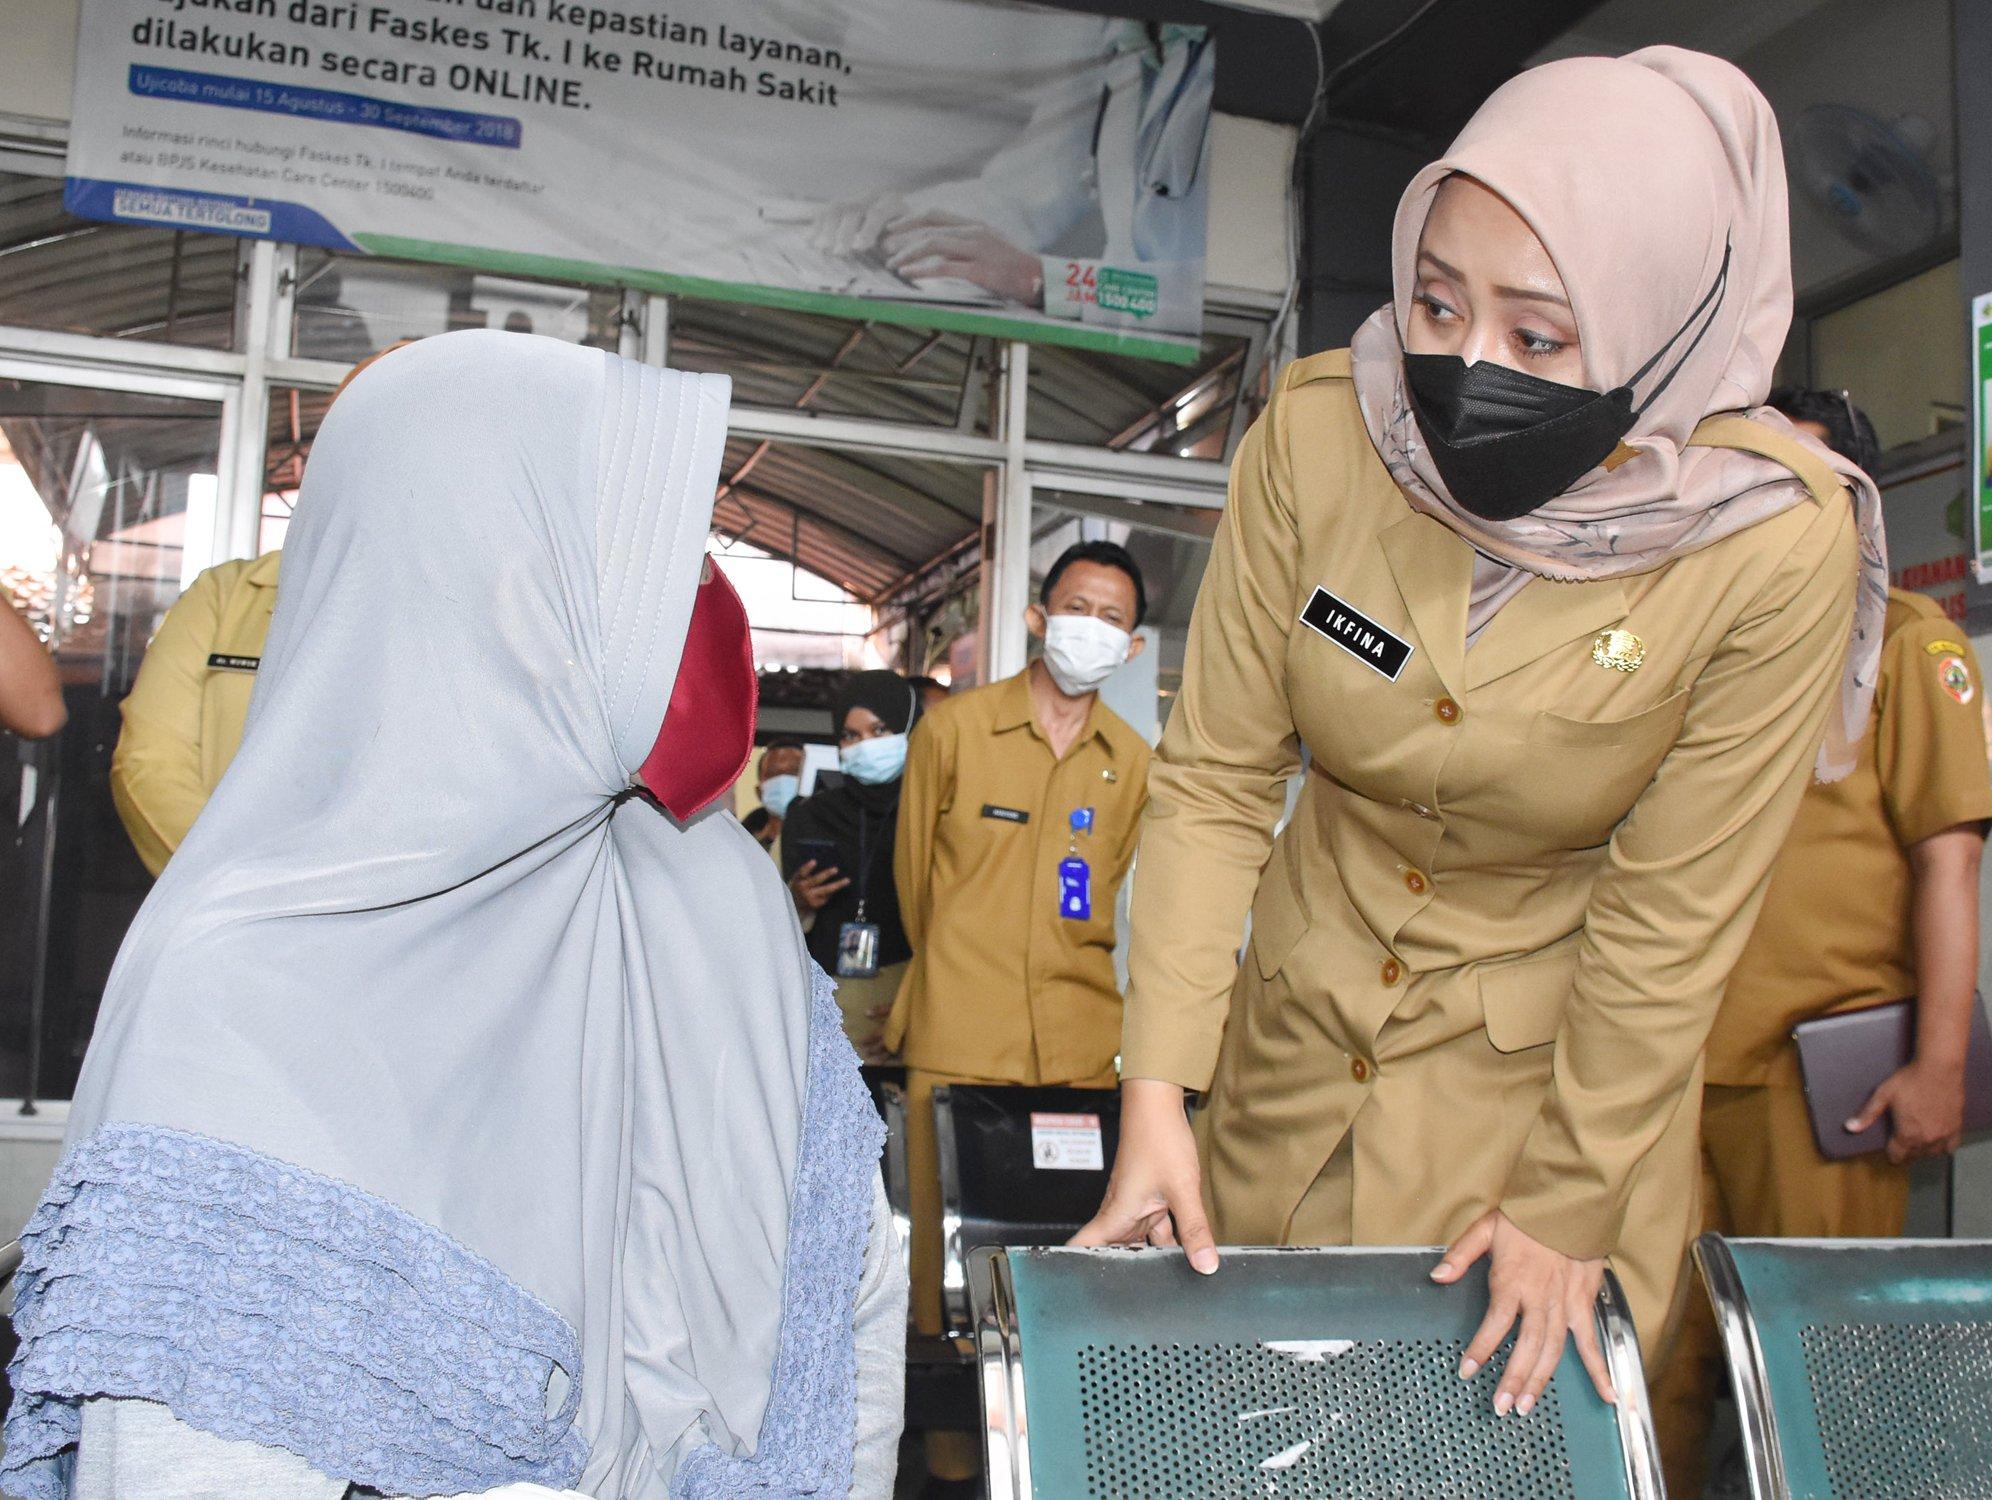 Ikfina Fahmawati, Bupati, Penolakan pasien, fakes